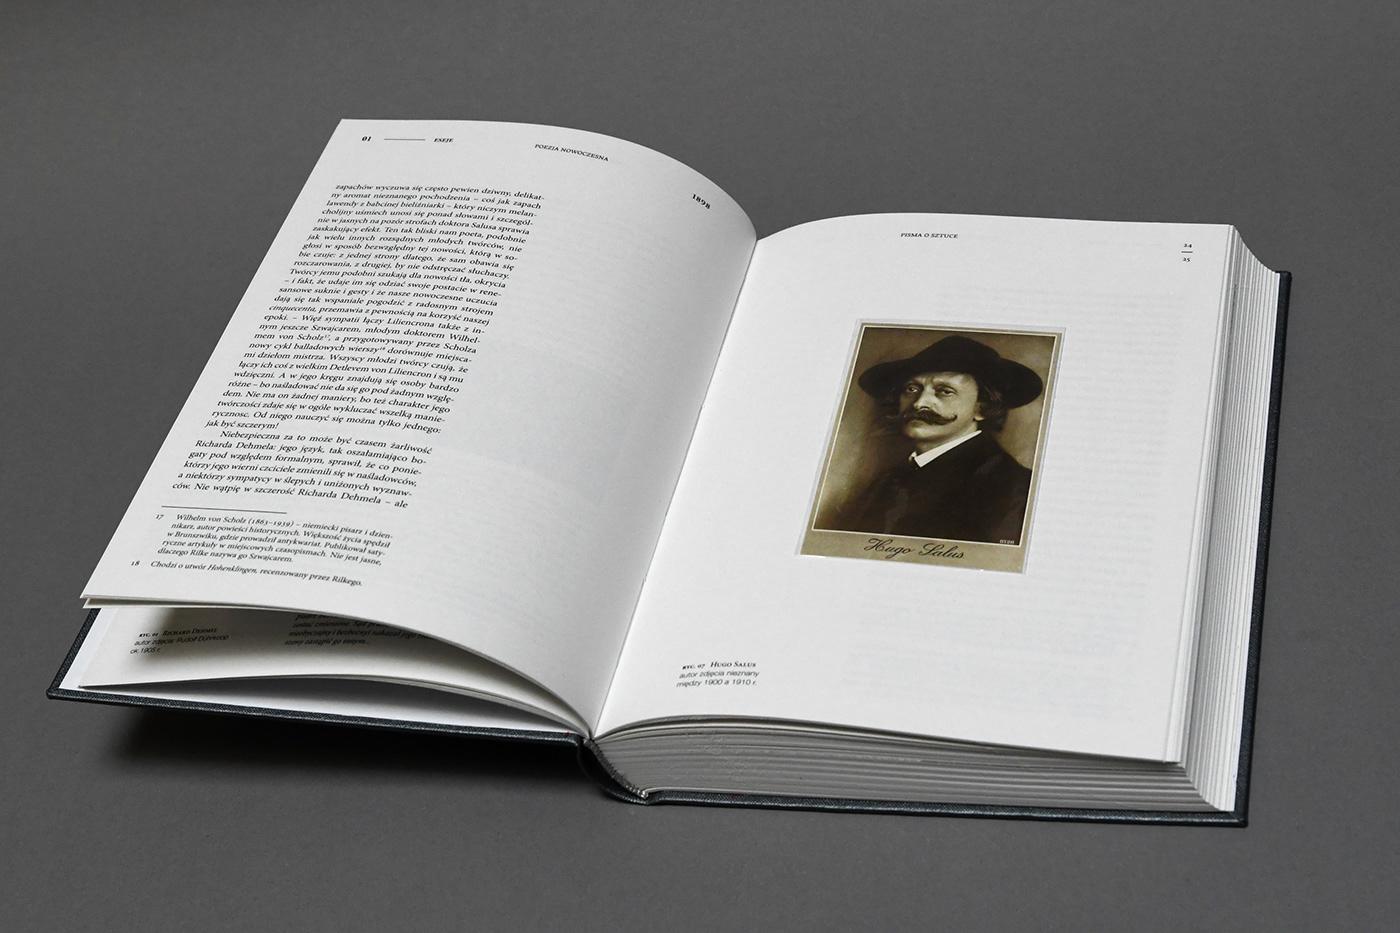 book design editorial design  letters art essey Rainer Maria Rilke